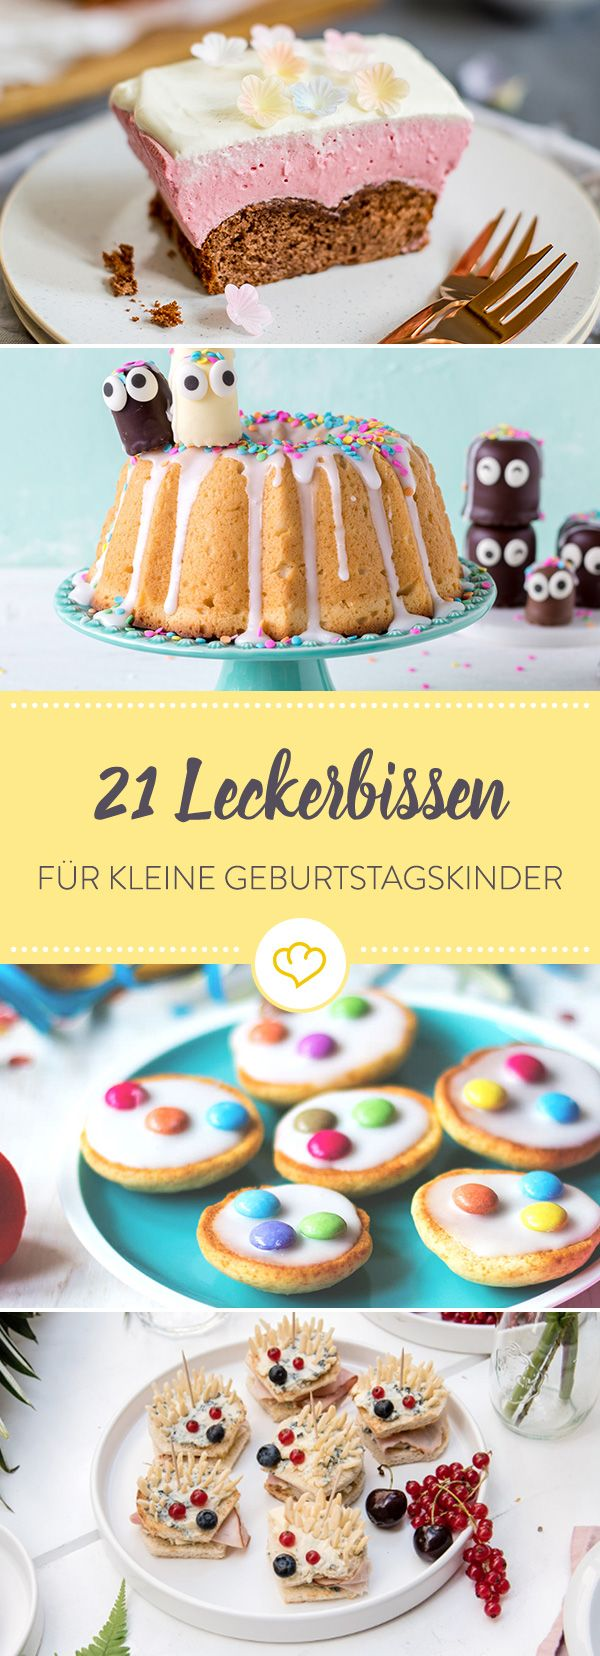 Außergewöhnlich Fingerfood Kindergeburtstag Dekoration Von 21 Kleine Leckerbissen Zum | Inspiration |